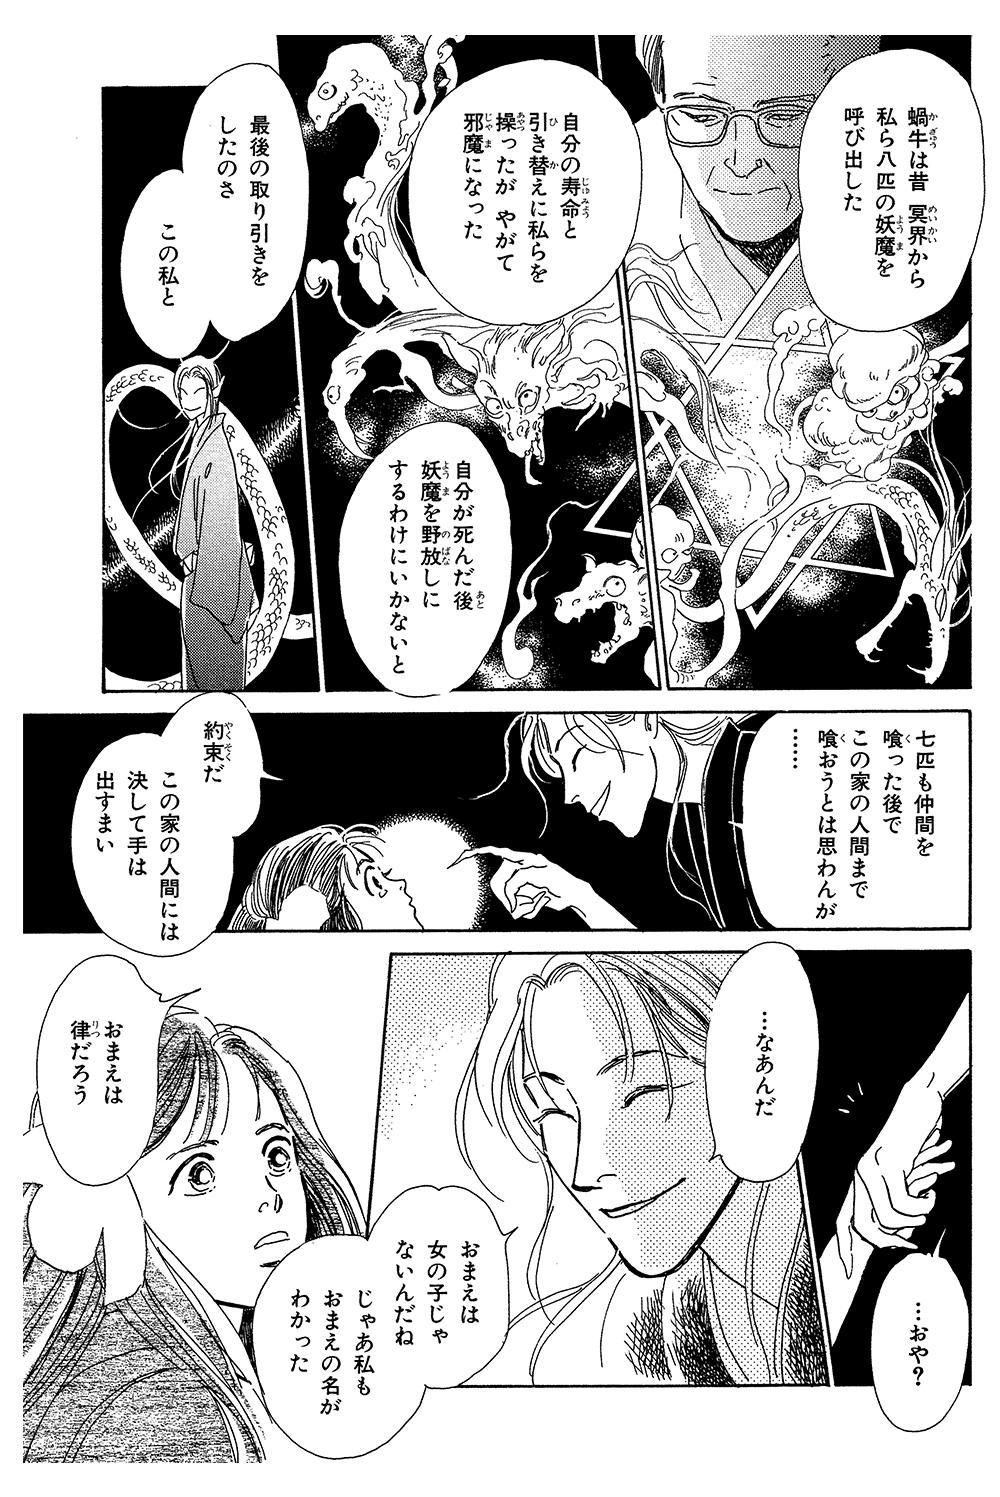 百鬼夜行抄 序章「精進おとしの客」hyakki13.jpg